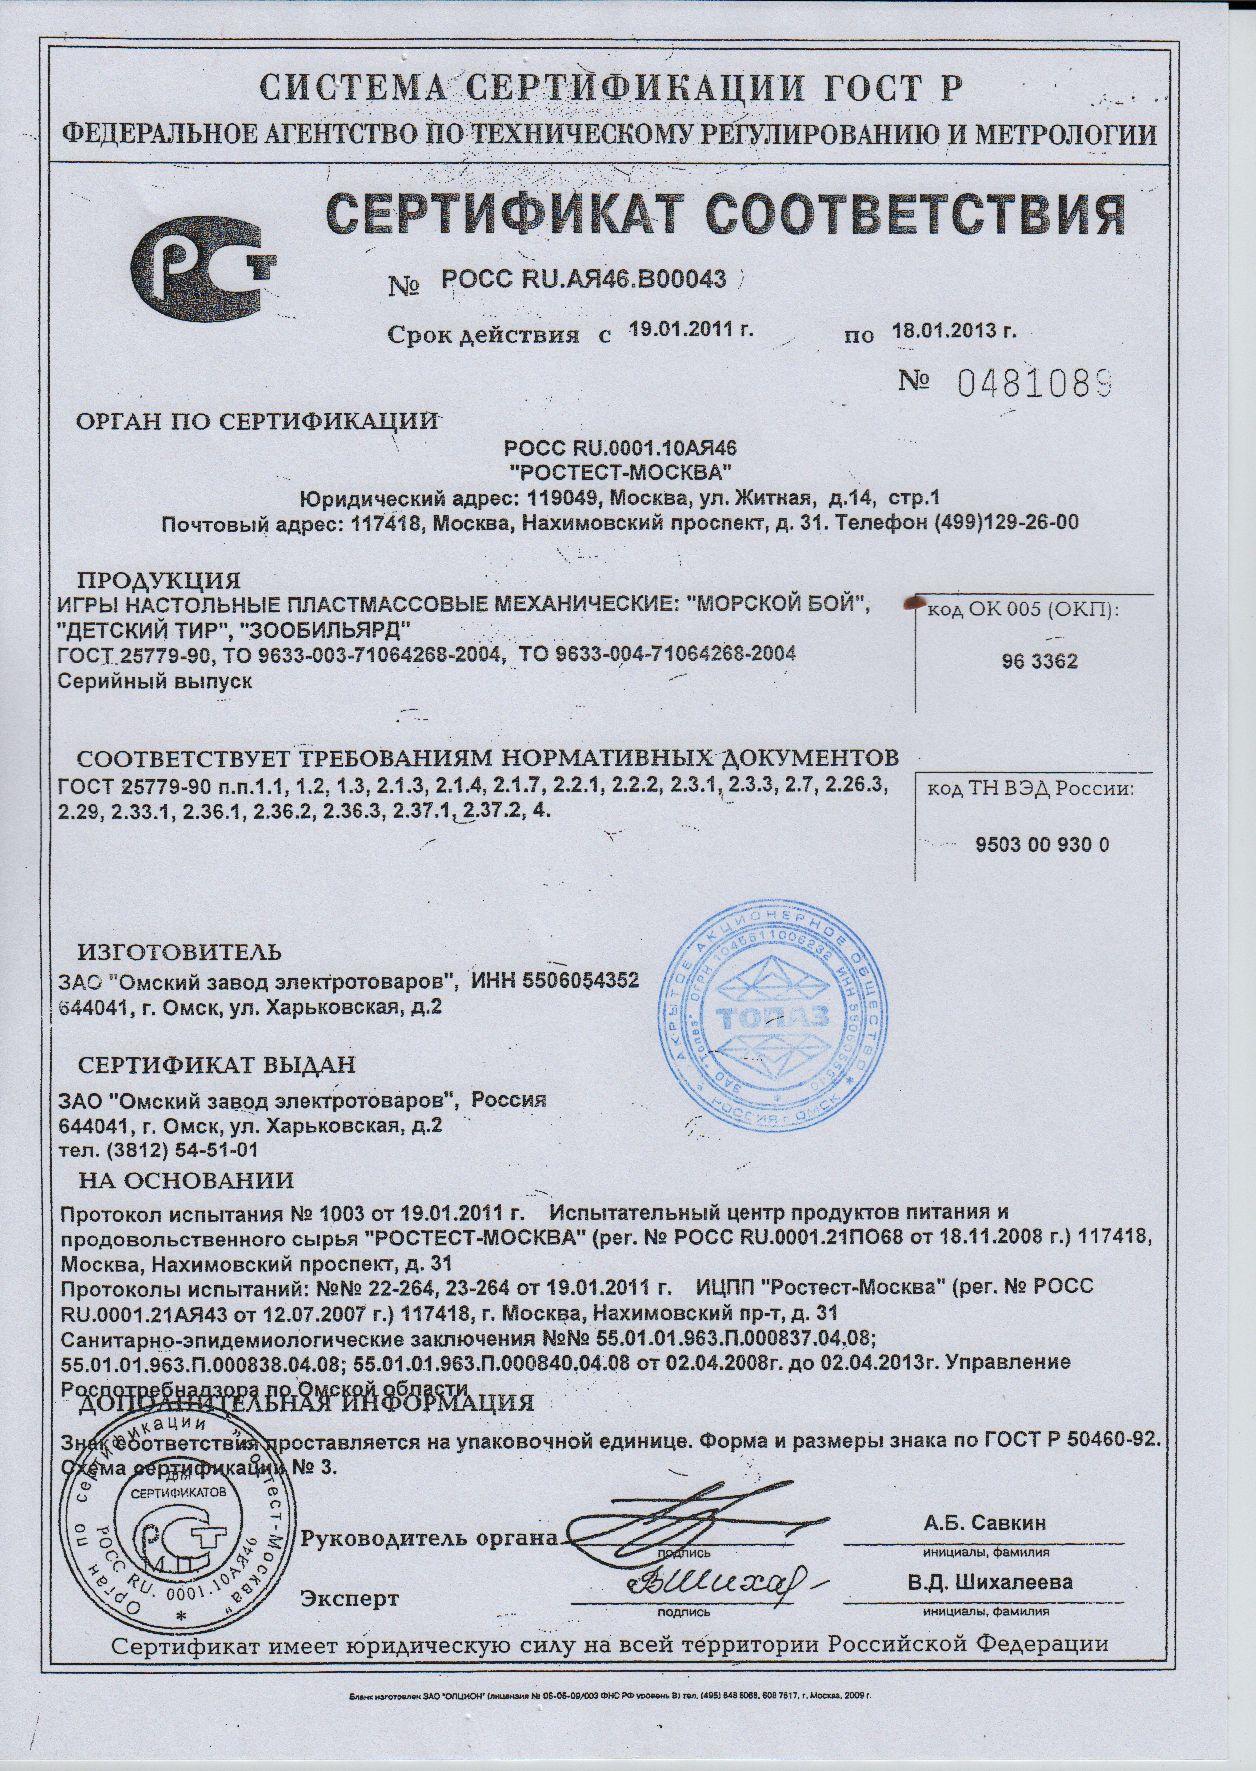 бланк сертификат соответствия обувь резиновая